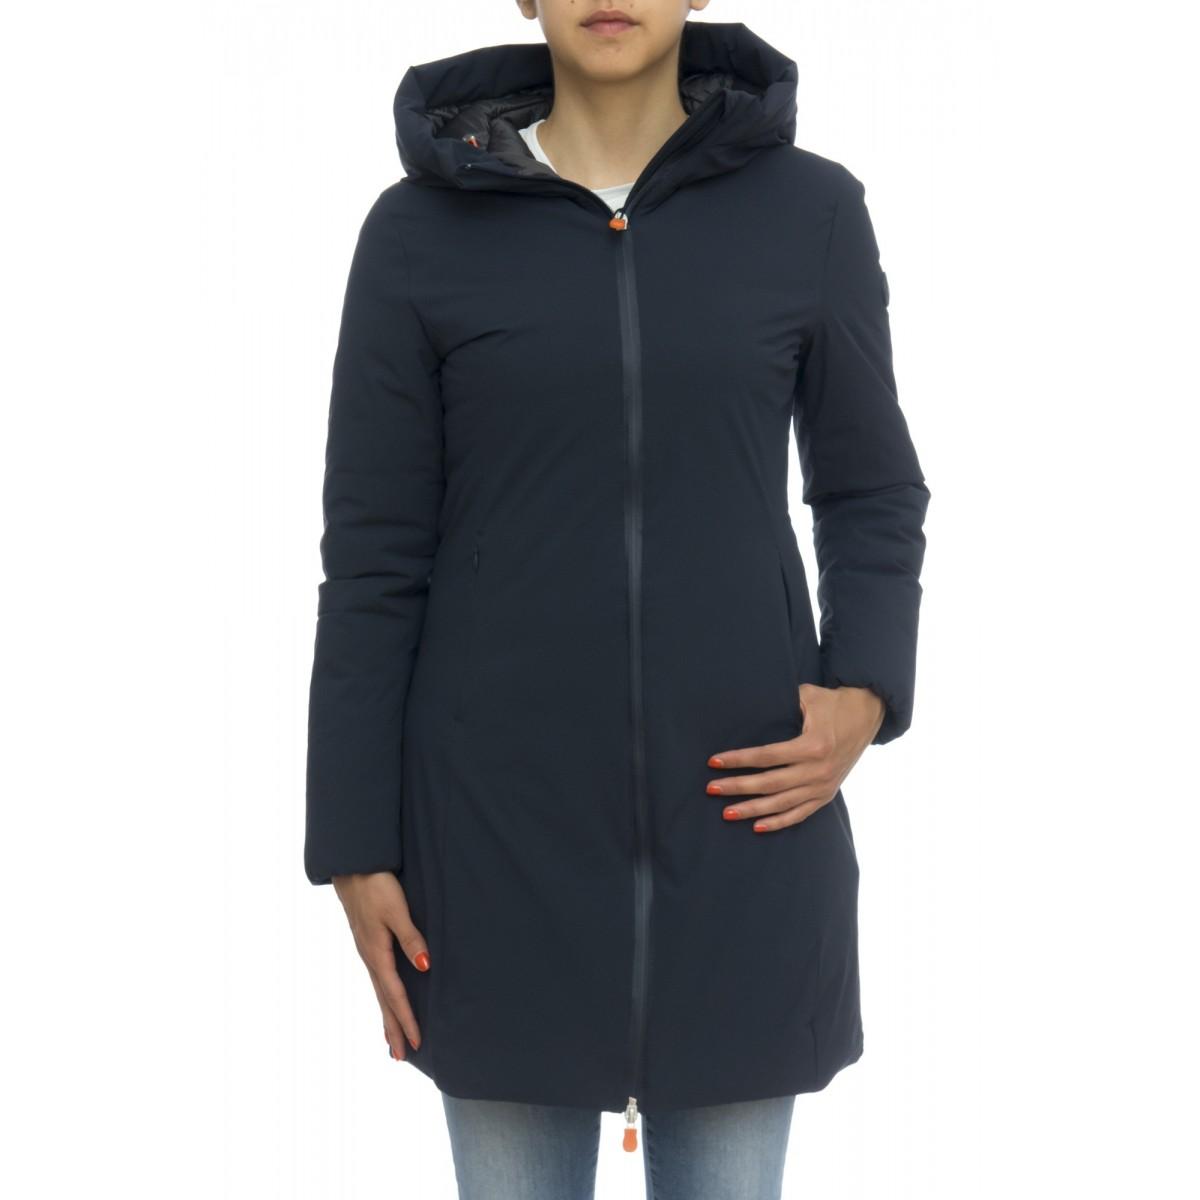 Piumino - D4306w matt7 cappotto bicolore